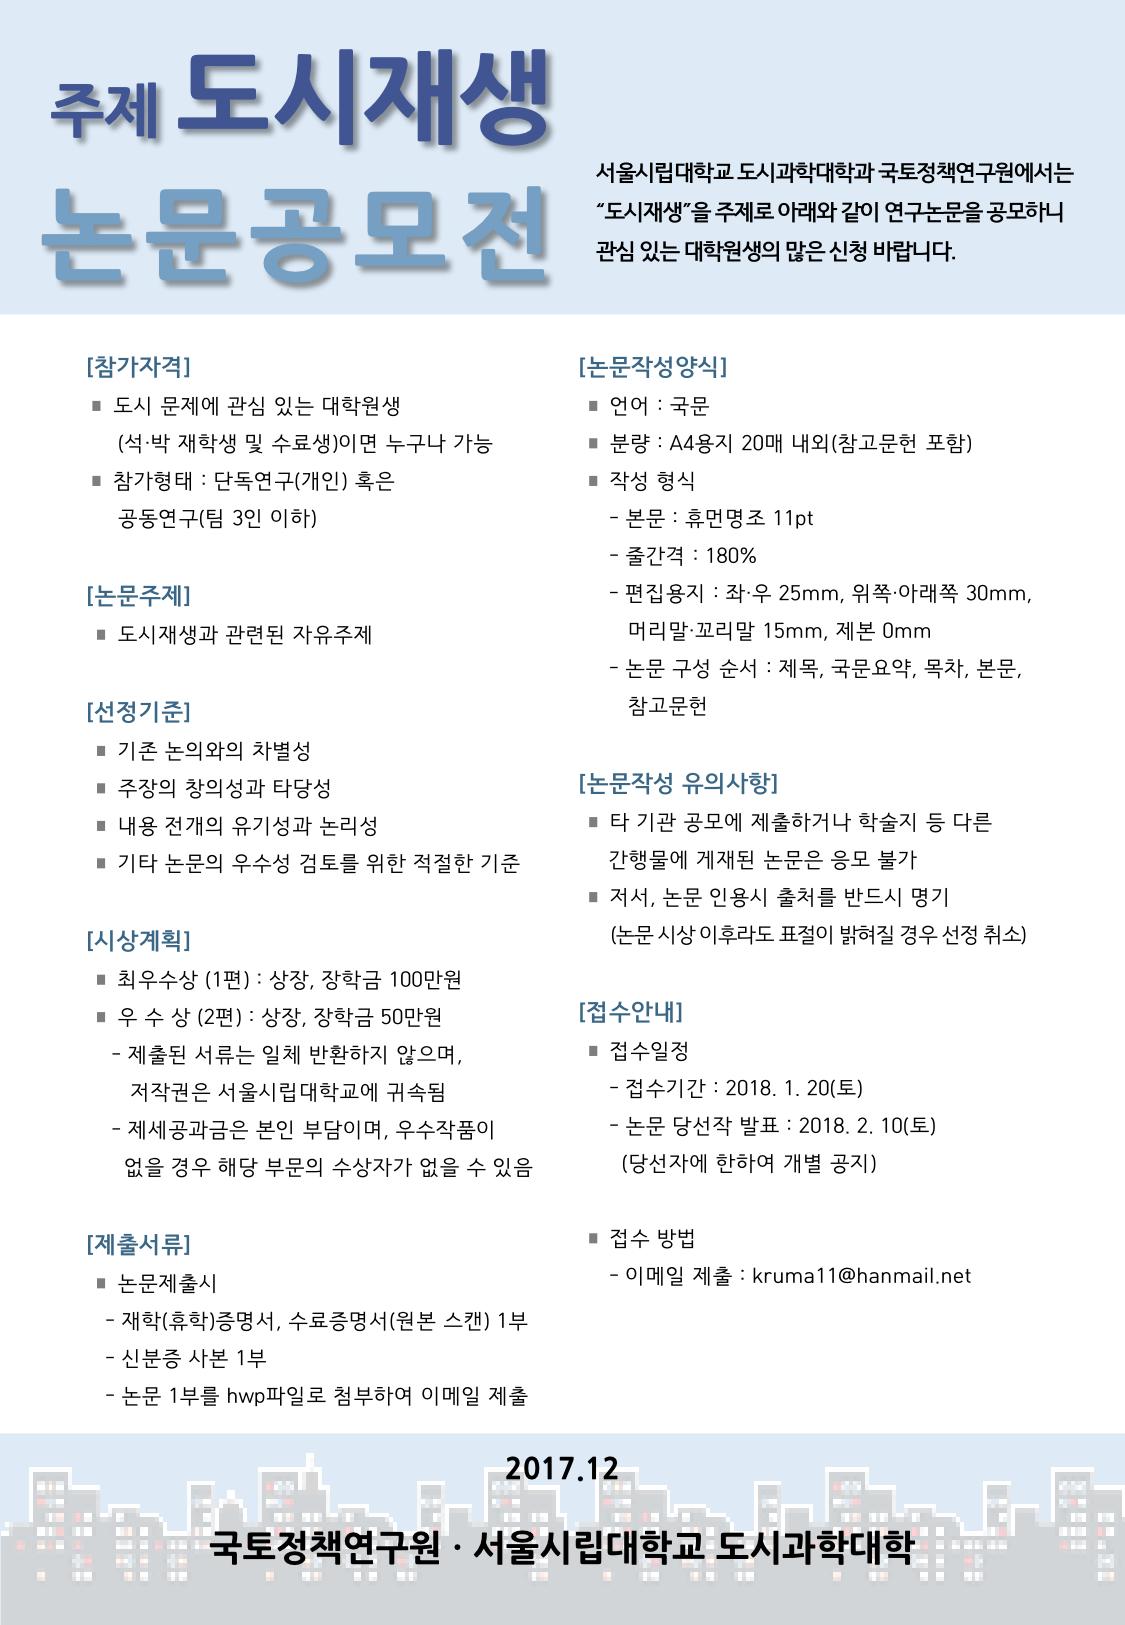 2018_도시재생논문 홍보-1.jpg